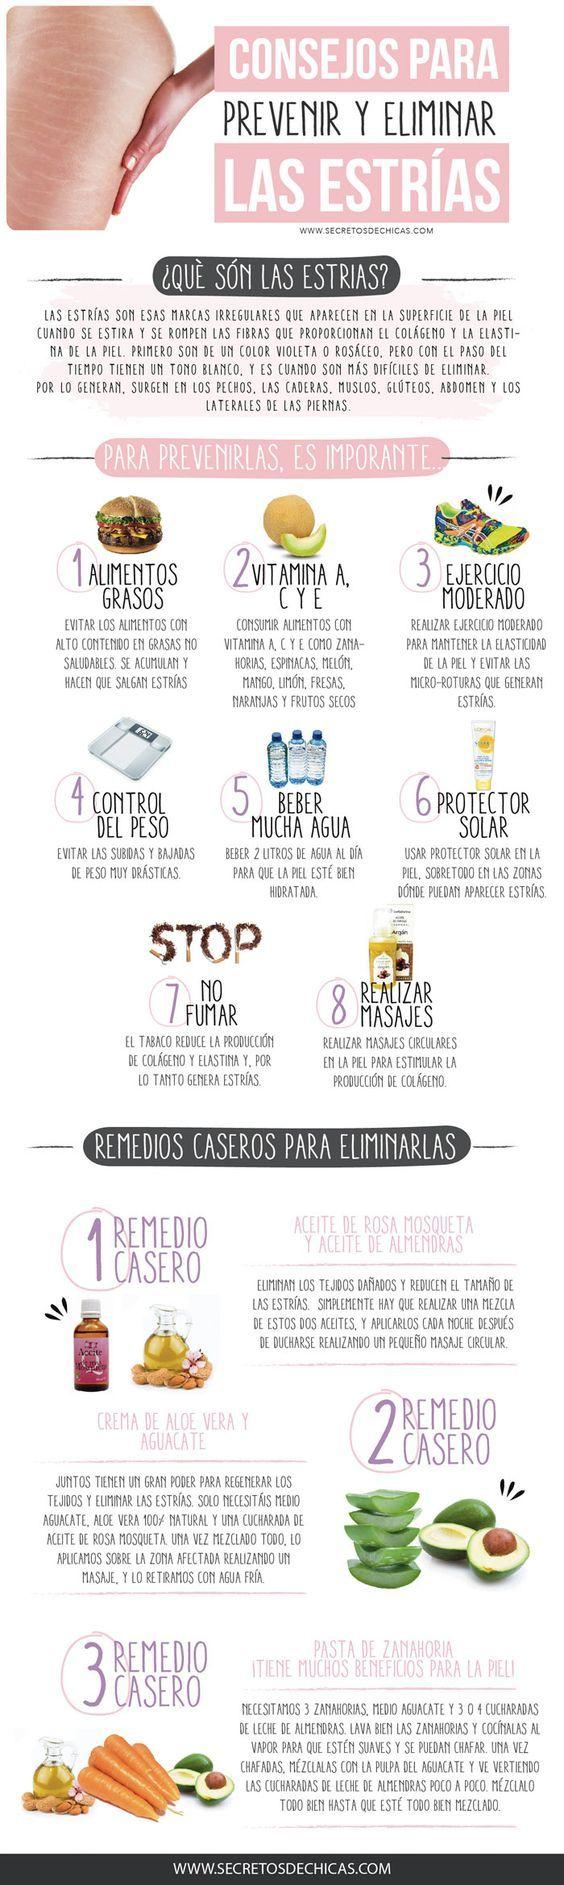 Consejos para prevenir y eliminar las estrias: